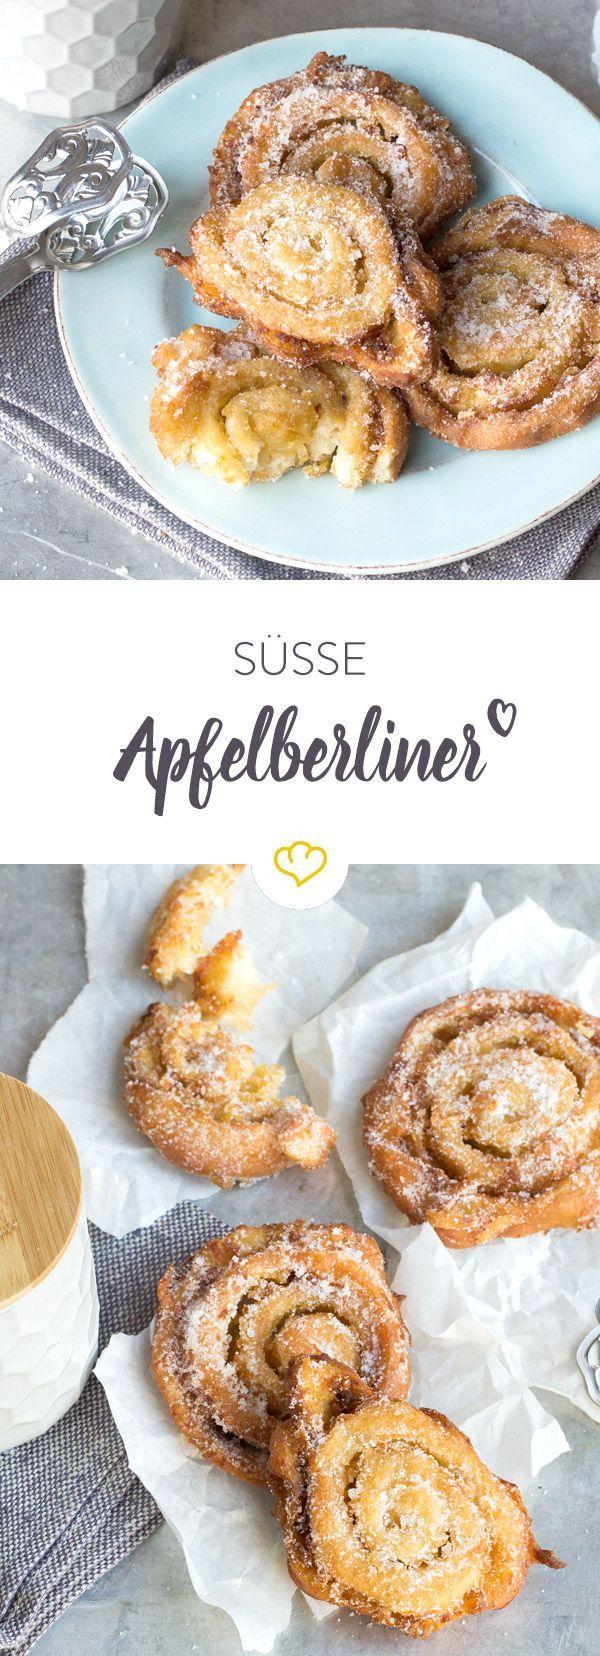 Die guten alten Apfelberliner - wie vom Bäcker, nur besser. Frisch gerollt, frittiert und gezuckert sind sie einfach unwiderstehlich.